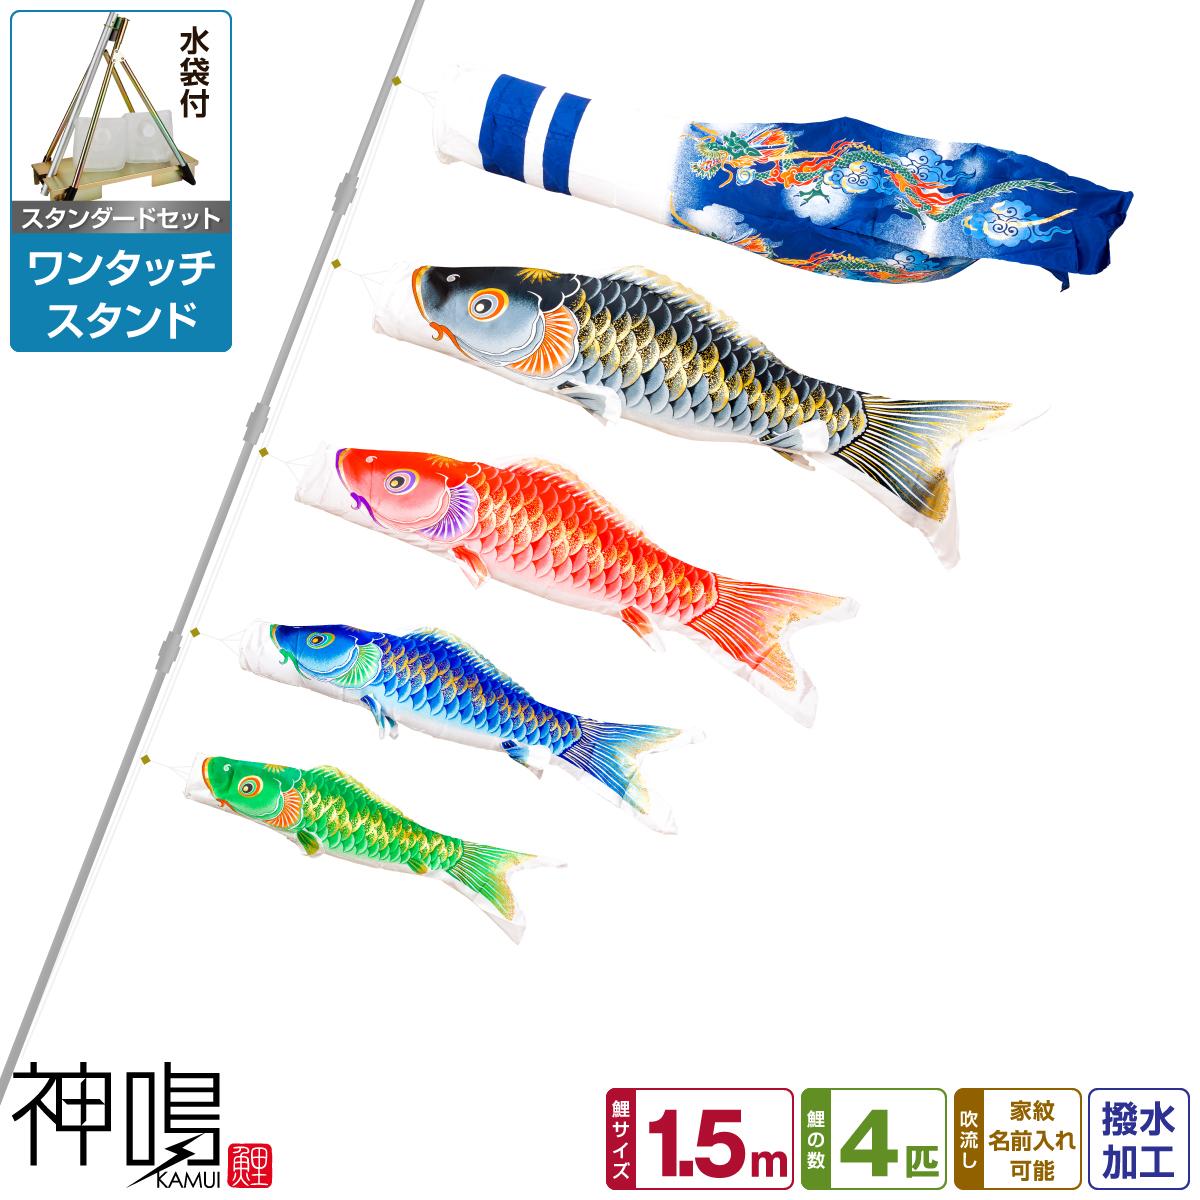 ベランダ用 鯉のぼり 神鳴鯉-KAMUI- 1.5m 7点(吹流し+鯉4匹+矢車+ロープ)/スタンダードセット(ワンタッチスタンド)